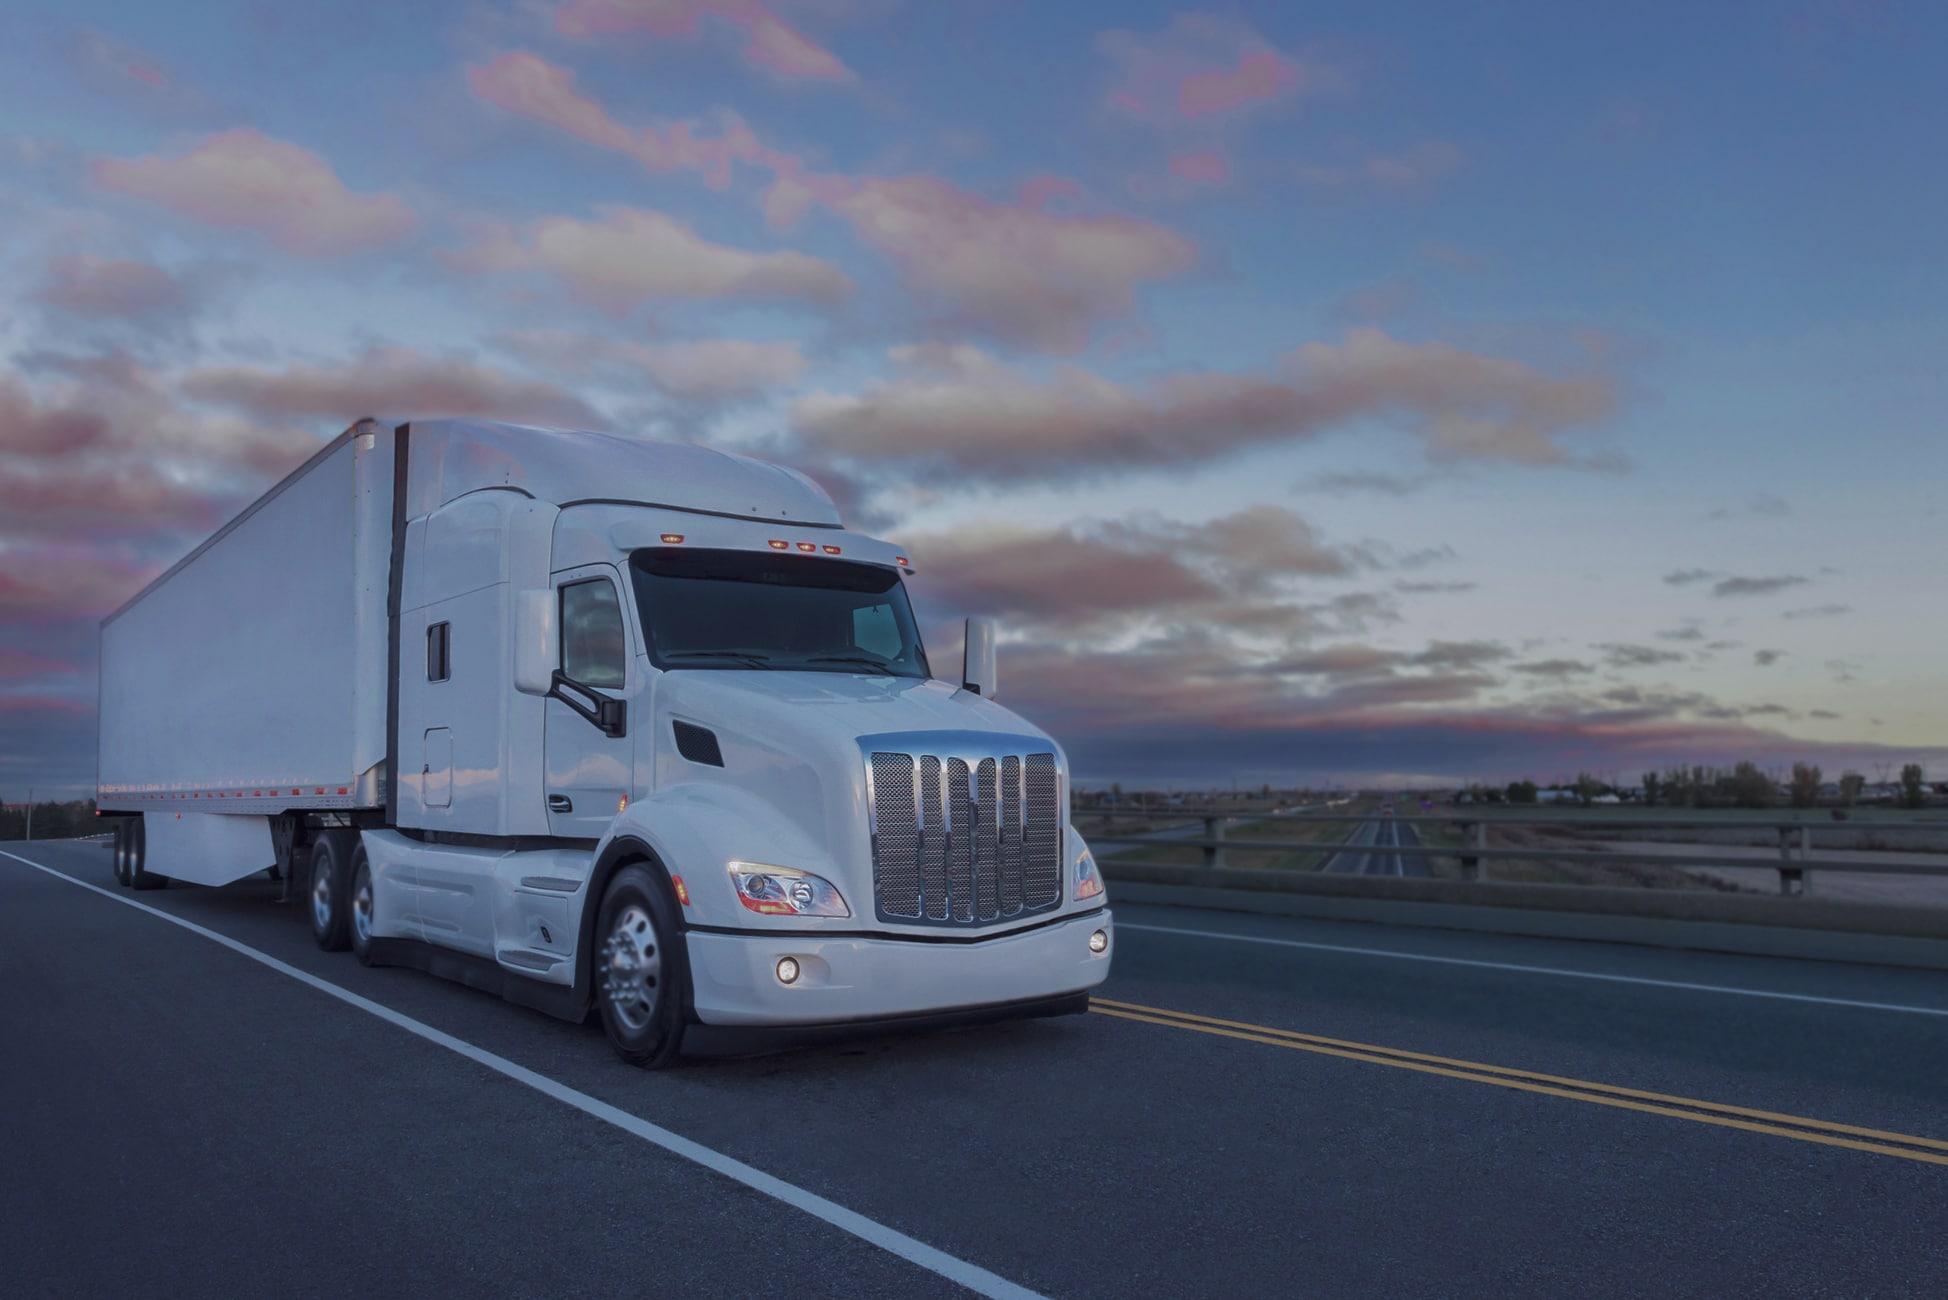 https://www.truckingfunder.com/wp-content/uploads/2021/01/OTR-Leasing-Brand-LR.jpg